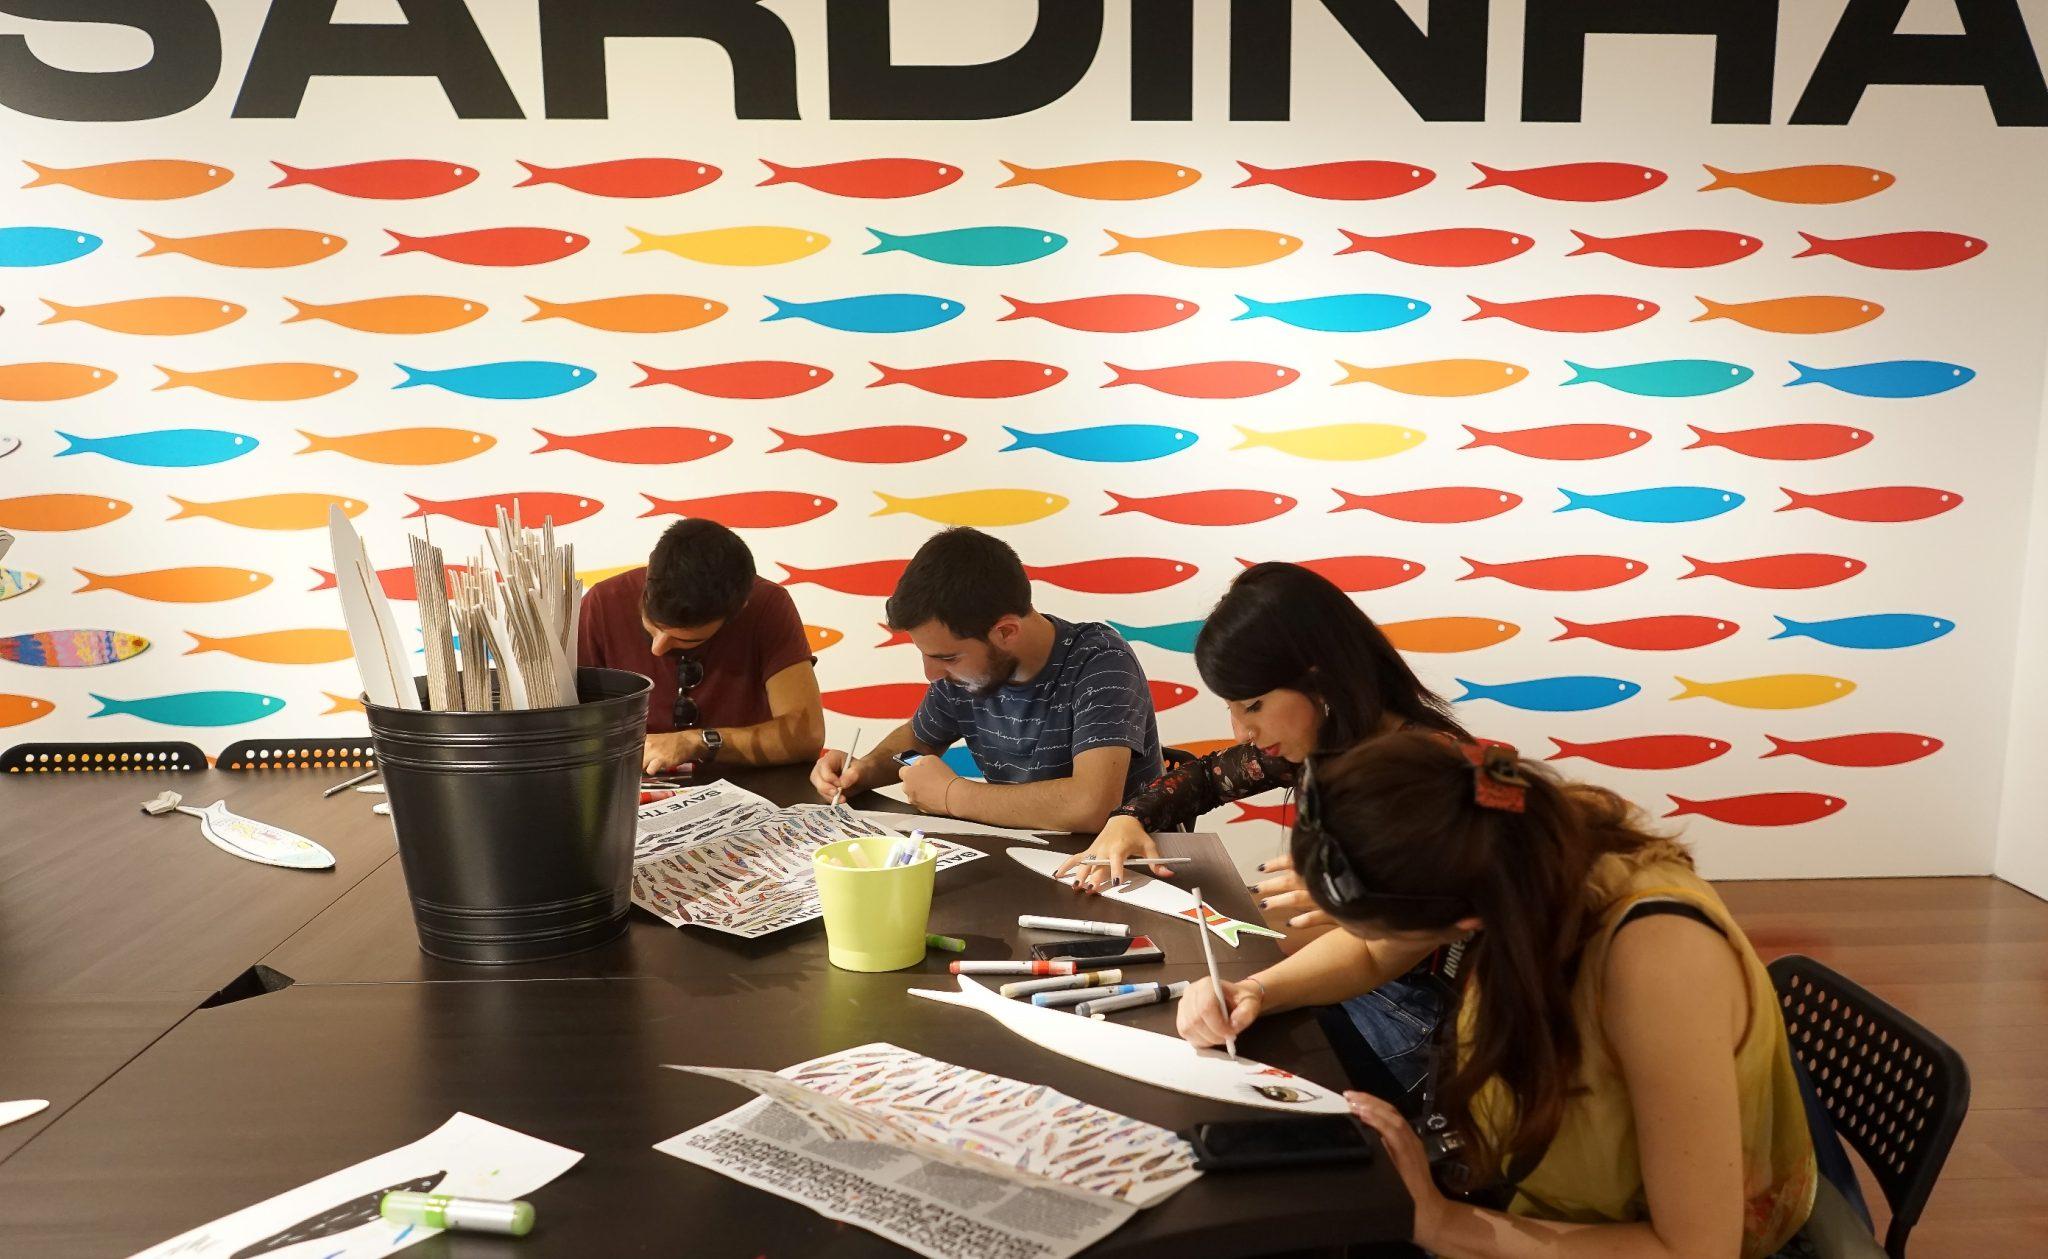 Quatro pessoas desenham em cartões com a silhueta de uma sardinha em cima de uma mesa preta. Atrás deles uma parede com silhuetas de sardinhas coloridas